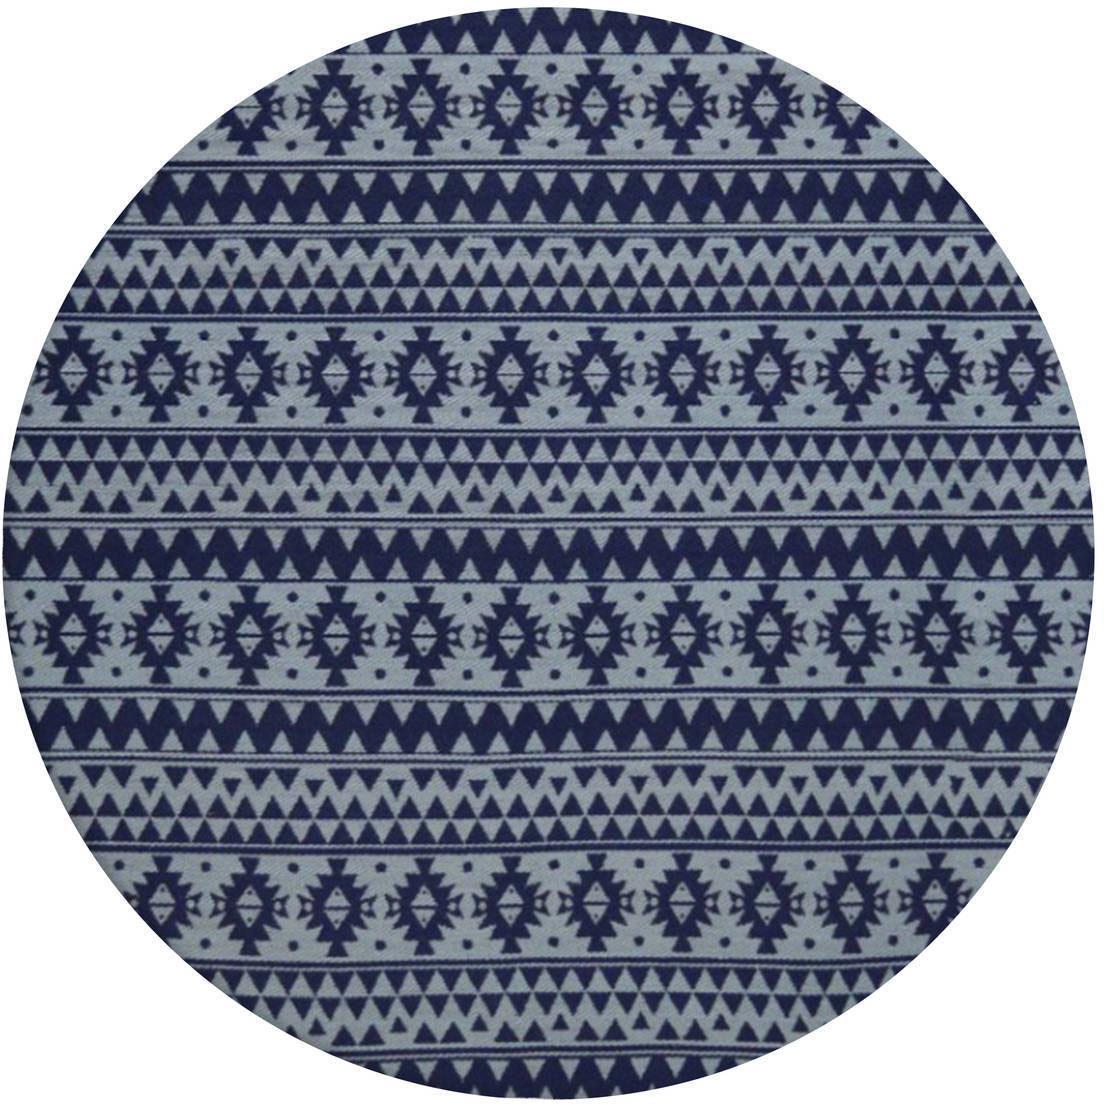 Teppich Sunny 210 Kayoom rund Höhe 5 mm handgewebt